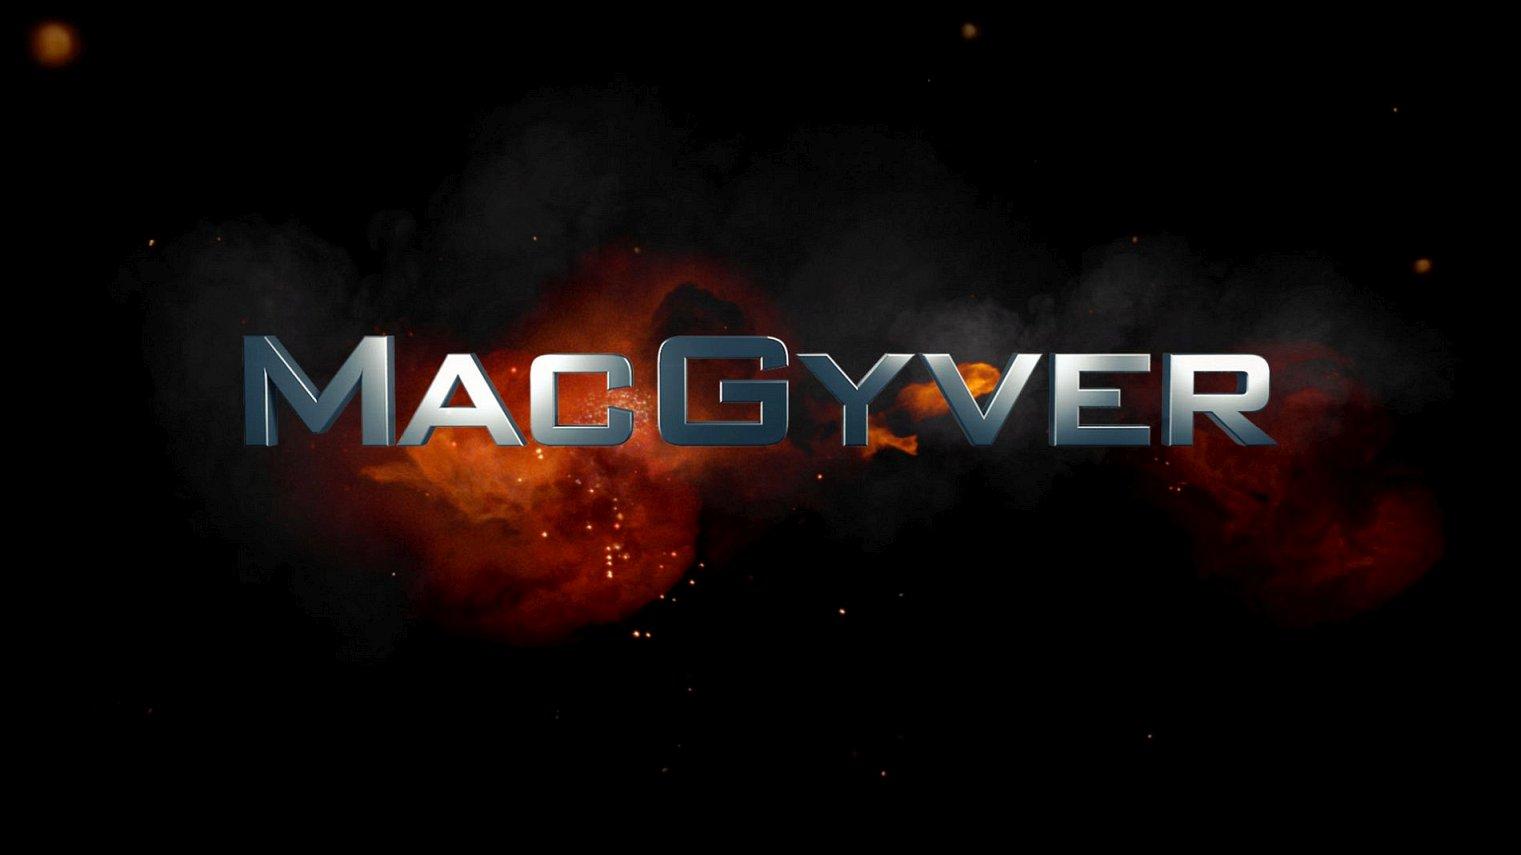 MacGyver season 2 episode 13 watch online